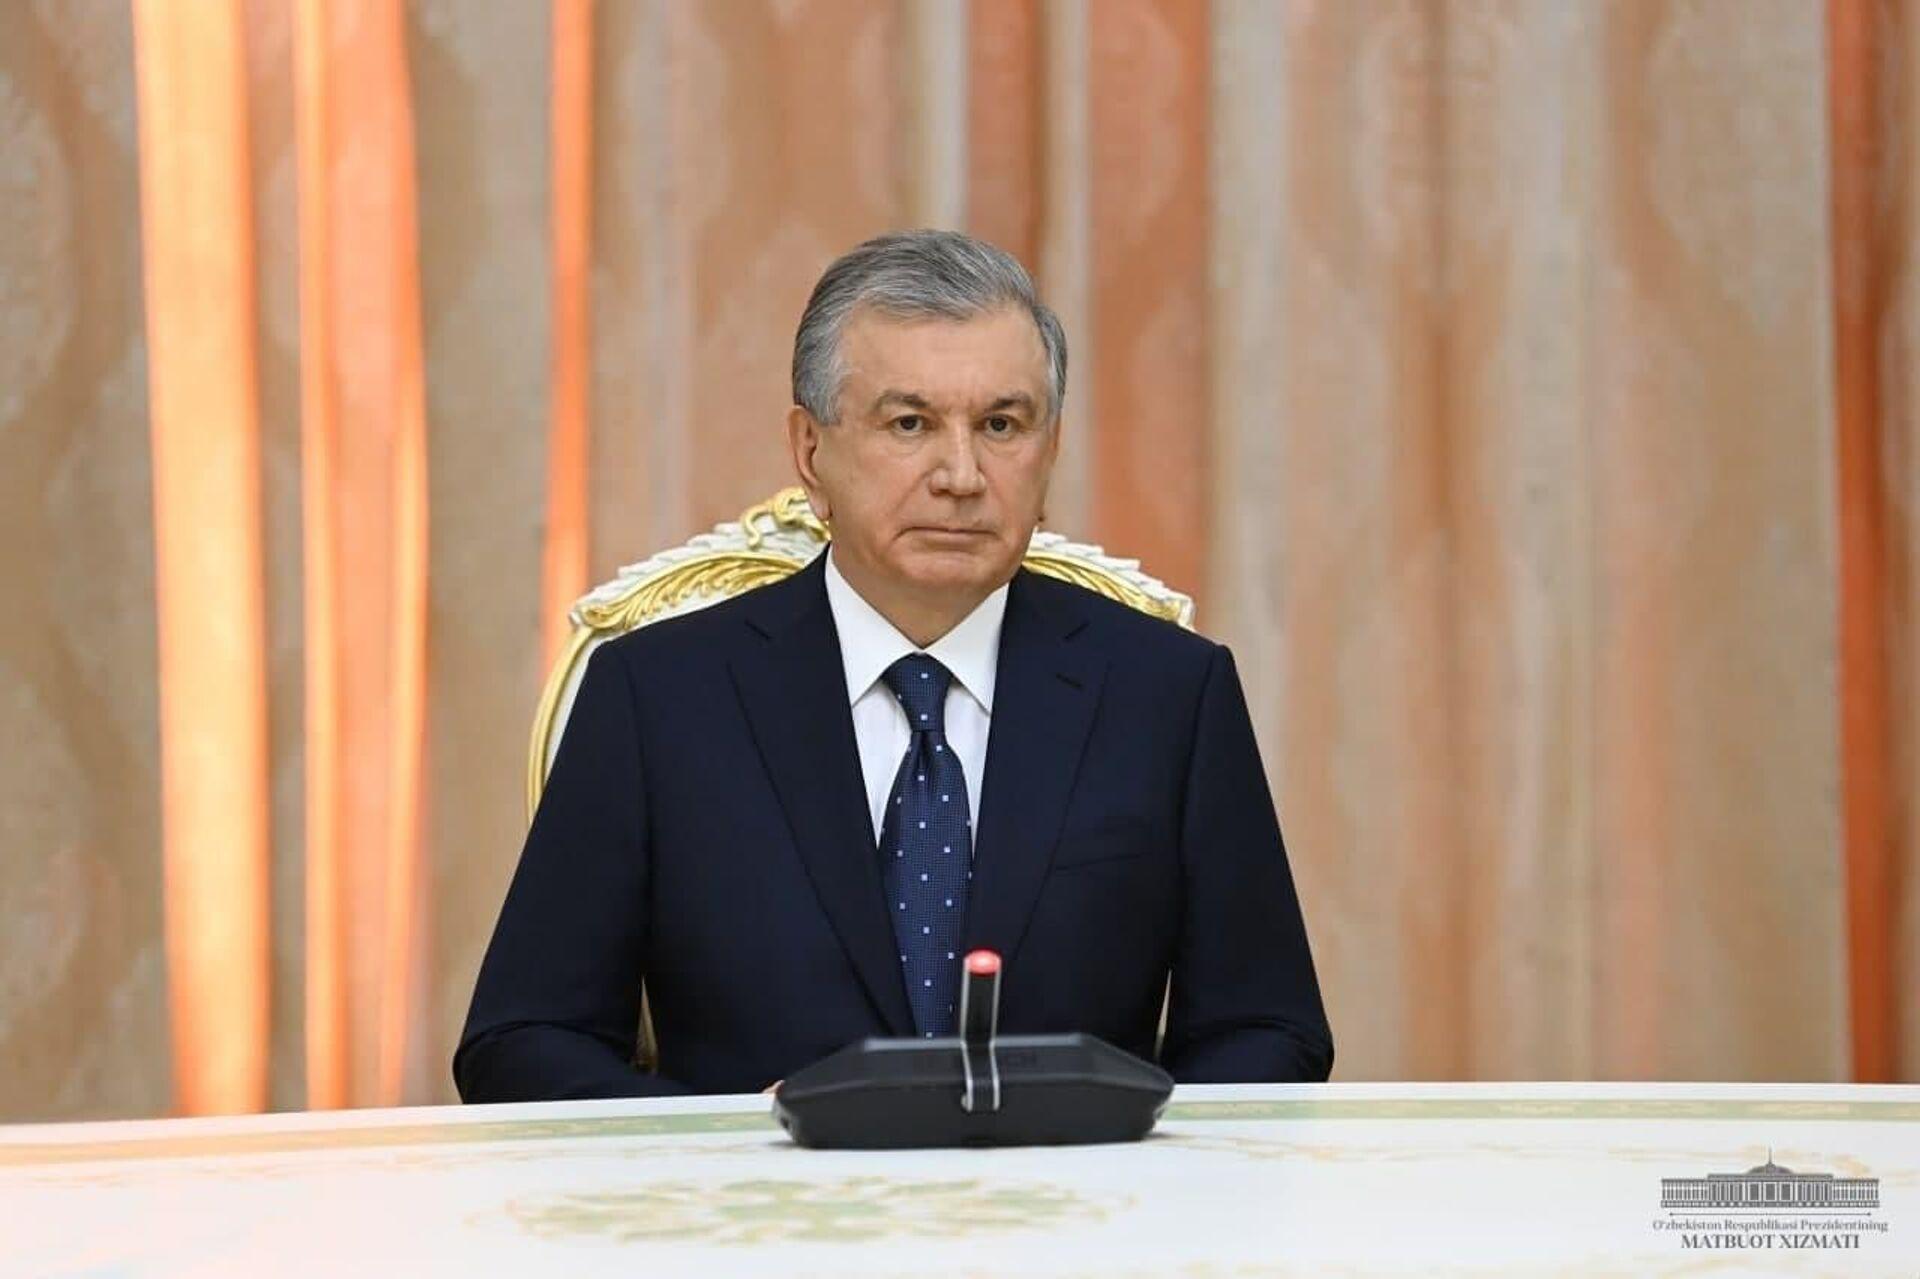 Лидеры Узбекистана и Таджикистана провели встречу в Душанбе - Sputnik Узбекистан, 1920, 16.09.2021